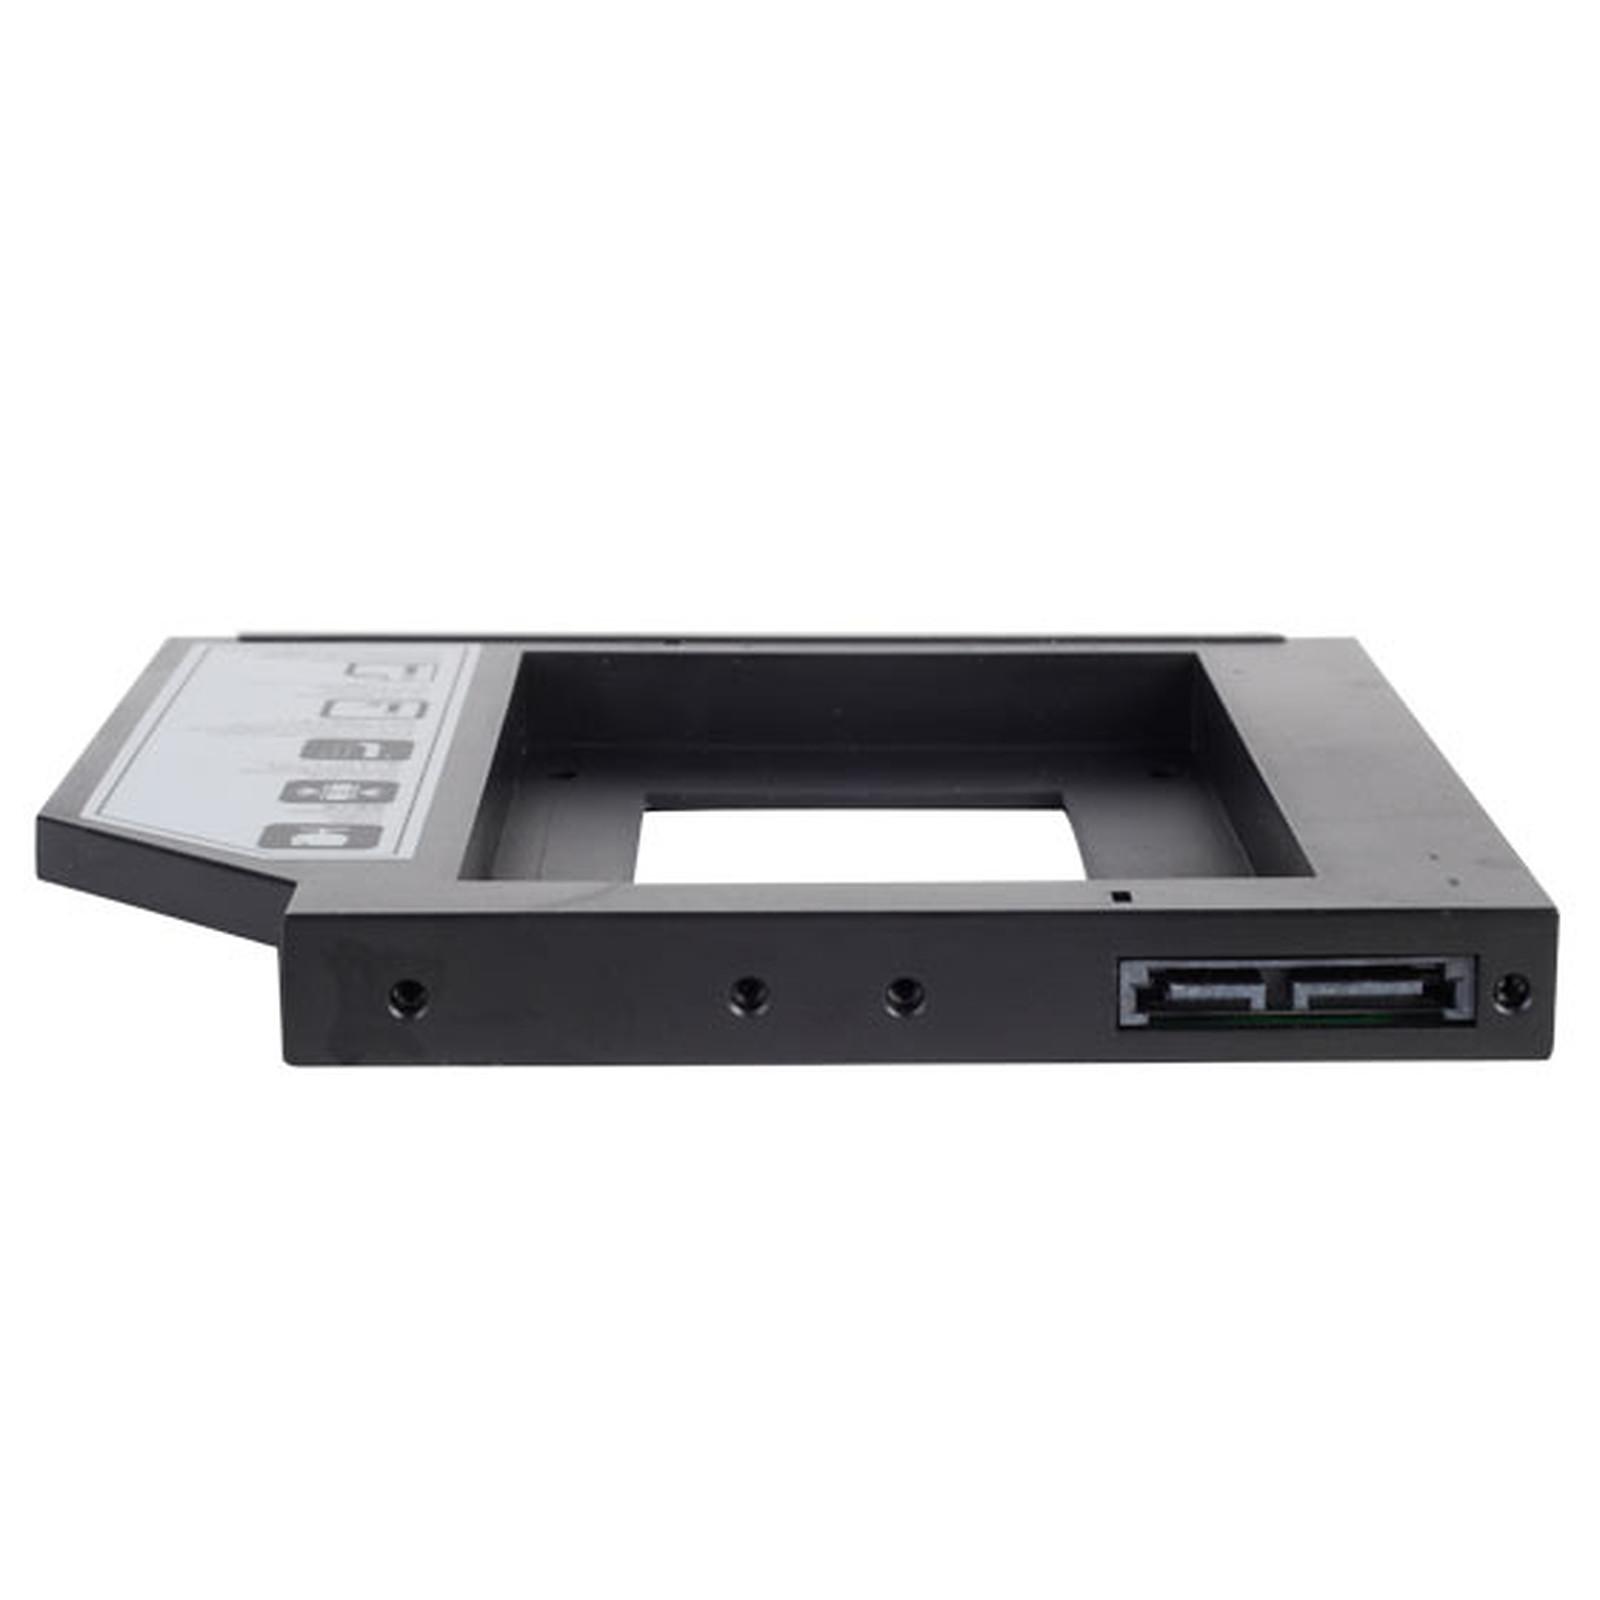 Accessoires Pc Portable Jabra Sur Ldlc Com: SilverStone Treasure TS09 (noir)